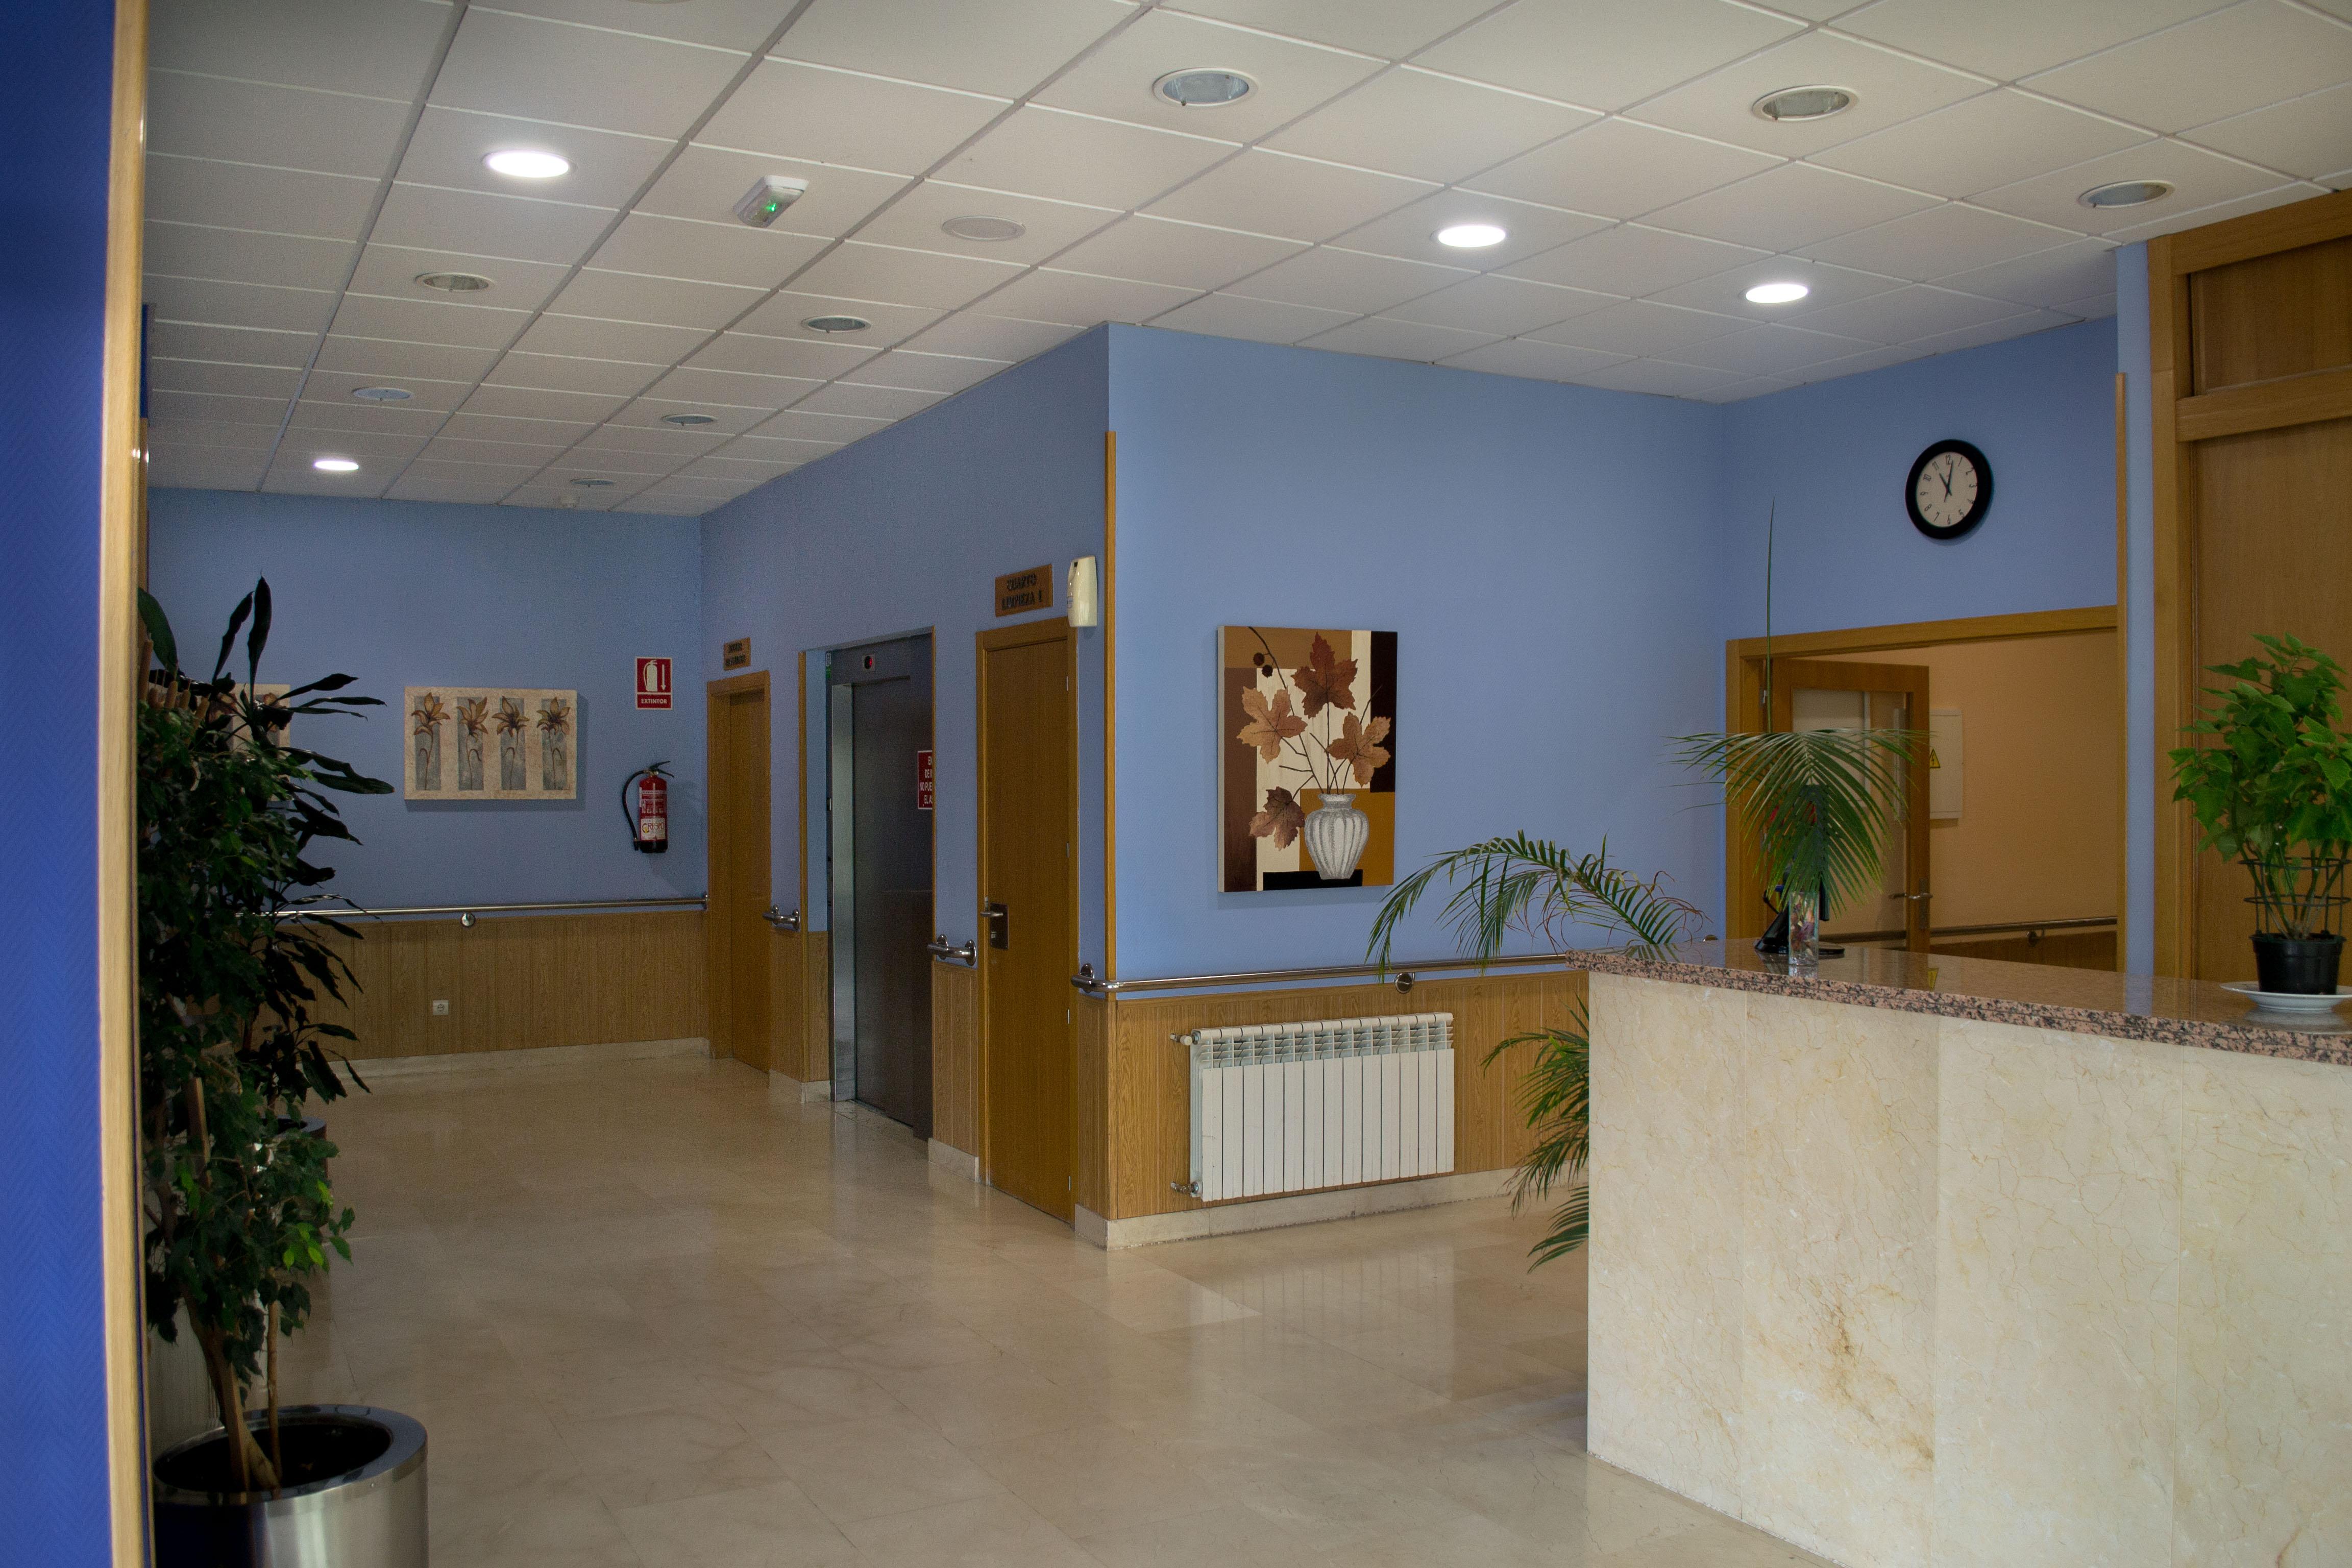 Recepción en la Residencia Cuidad de Aranda, con suelos amarmolados, ascensor y decoración con cuadros y plantas naturales.